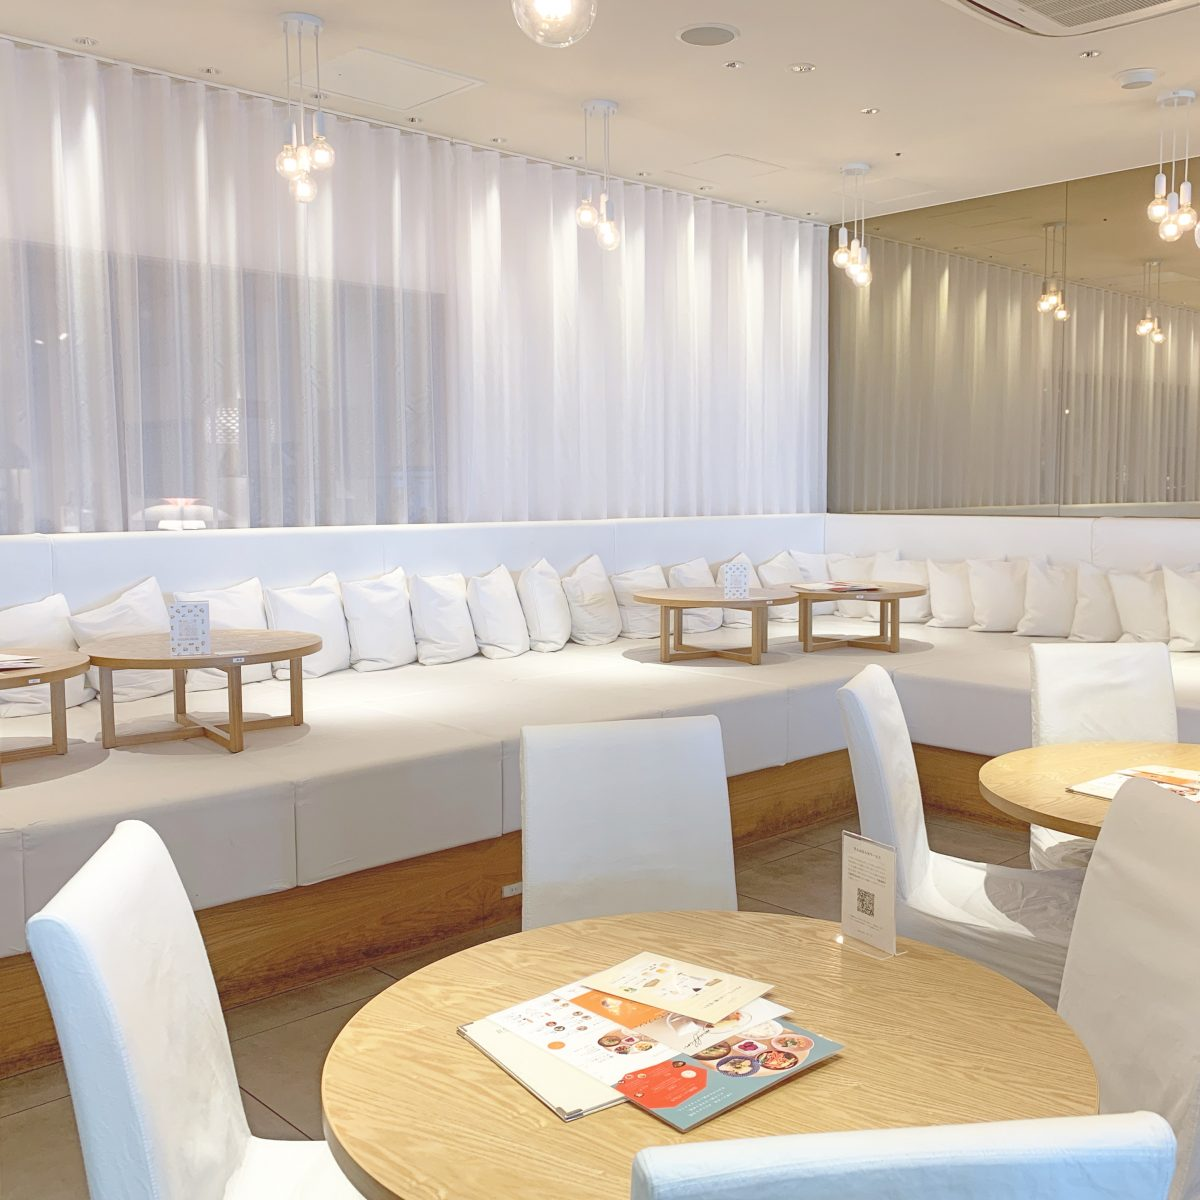 天王寺で健康的なデリごはん♡あべのand内にある和カフェ『yusoshi(ユソーシ)』